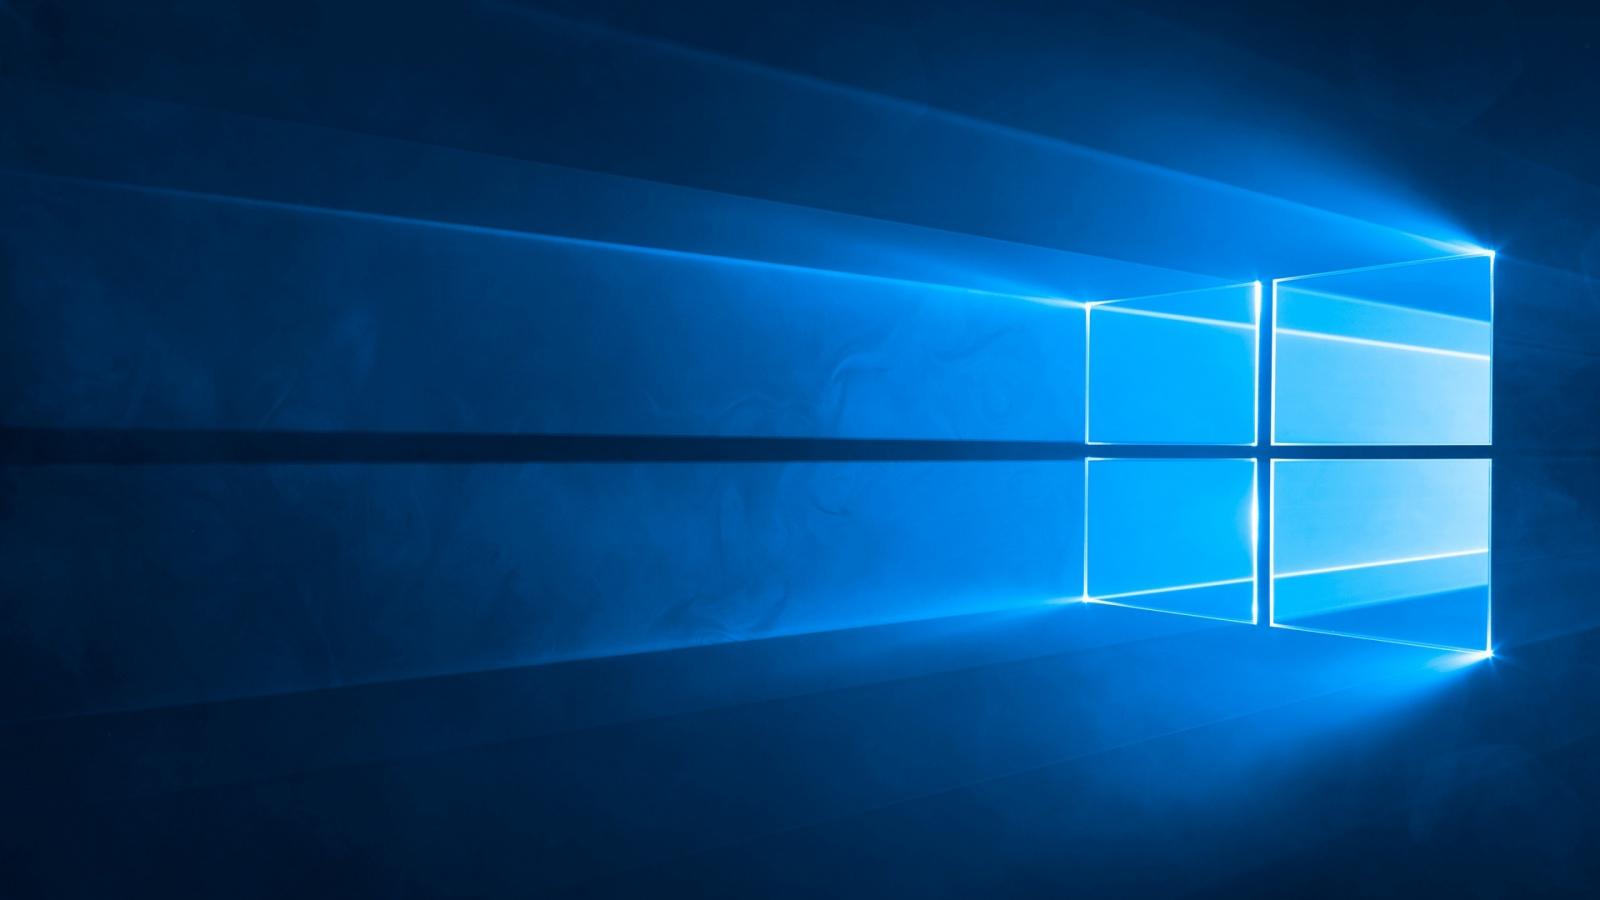 download Windows 10 wallpaper desktop background in 1600x900 1600x900